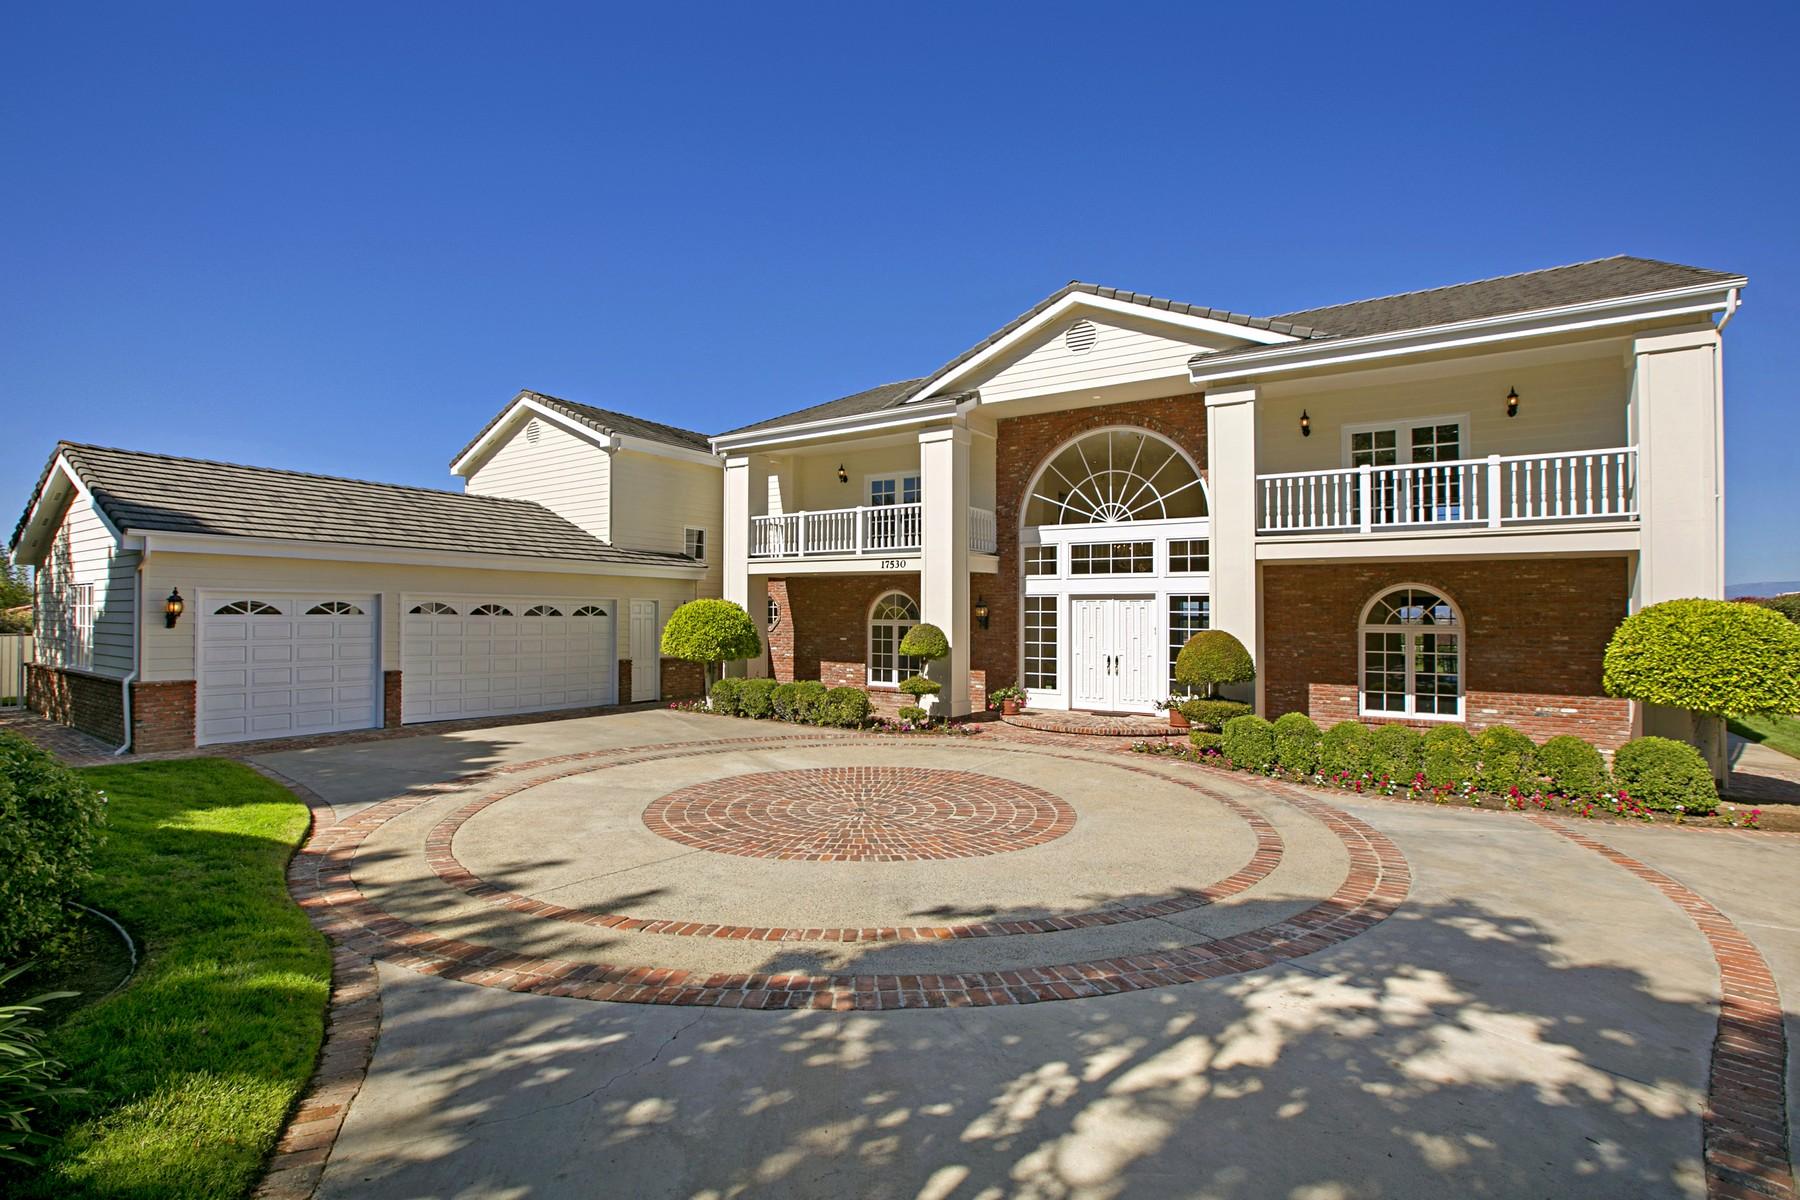 Casa Unifamiliar por un Venta en 17530 Via Loma Drive Poway, California, 92064 Estados Unidos